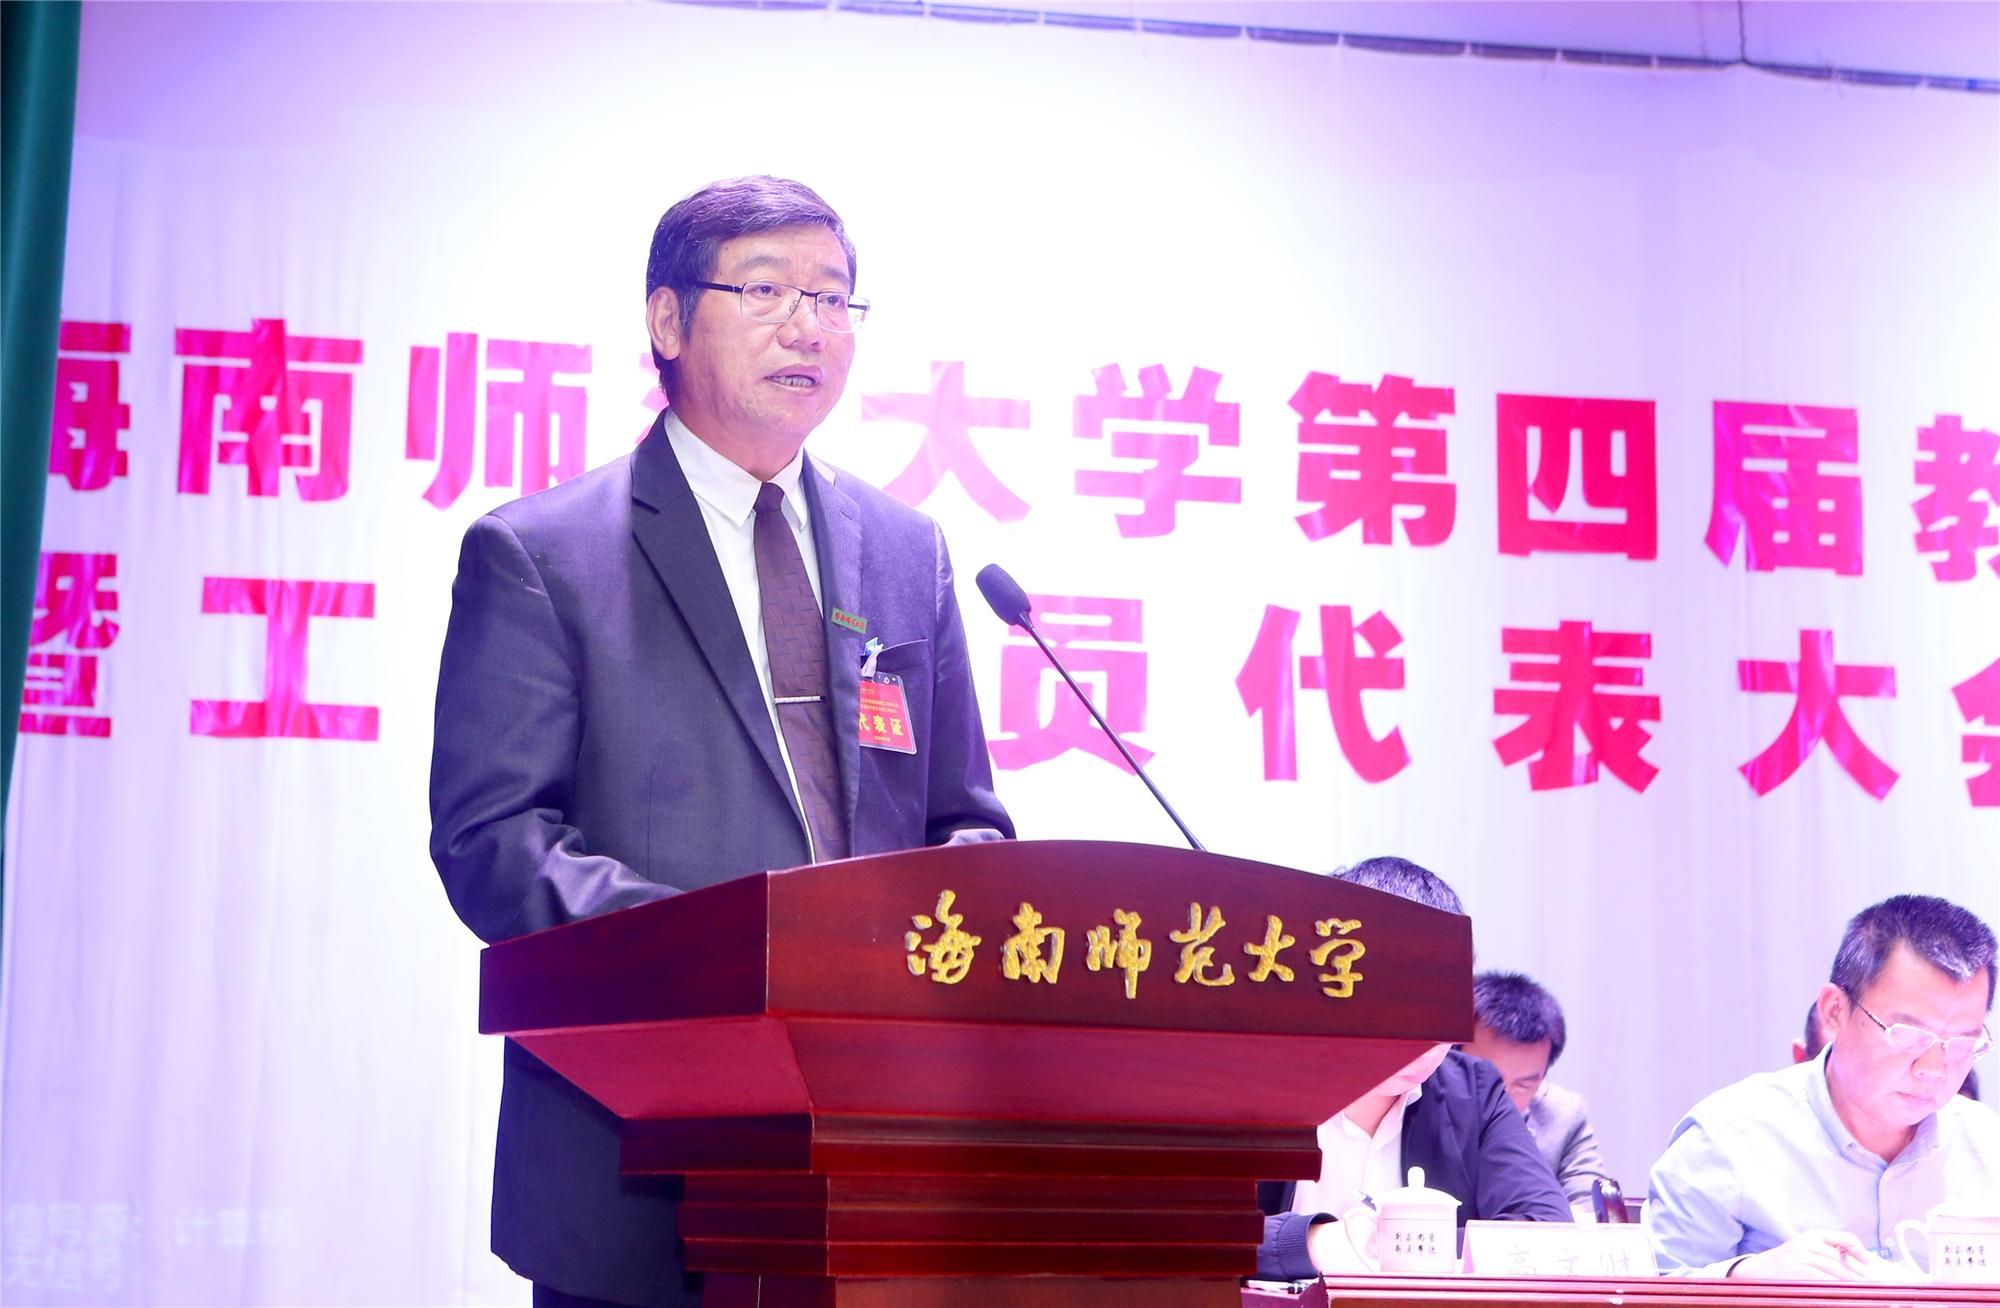 我校召开第四届教职工代表大会暨工会会员代表大会第三次会议